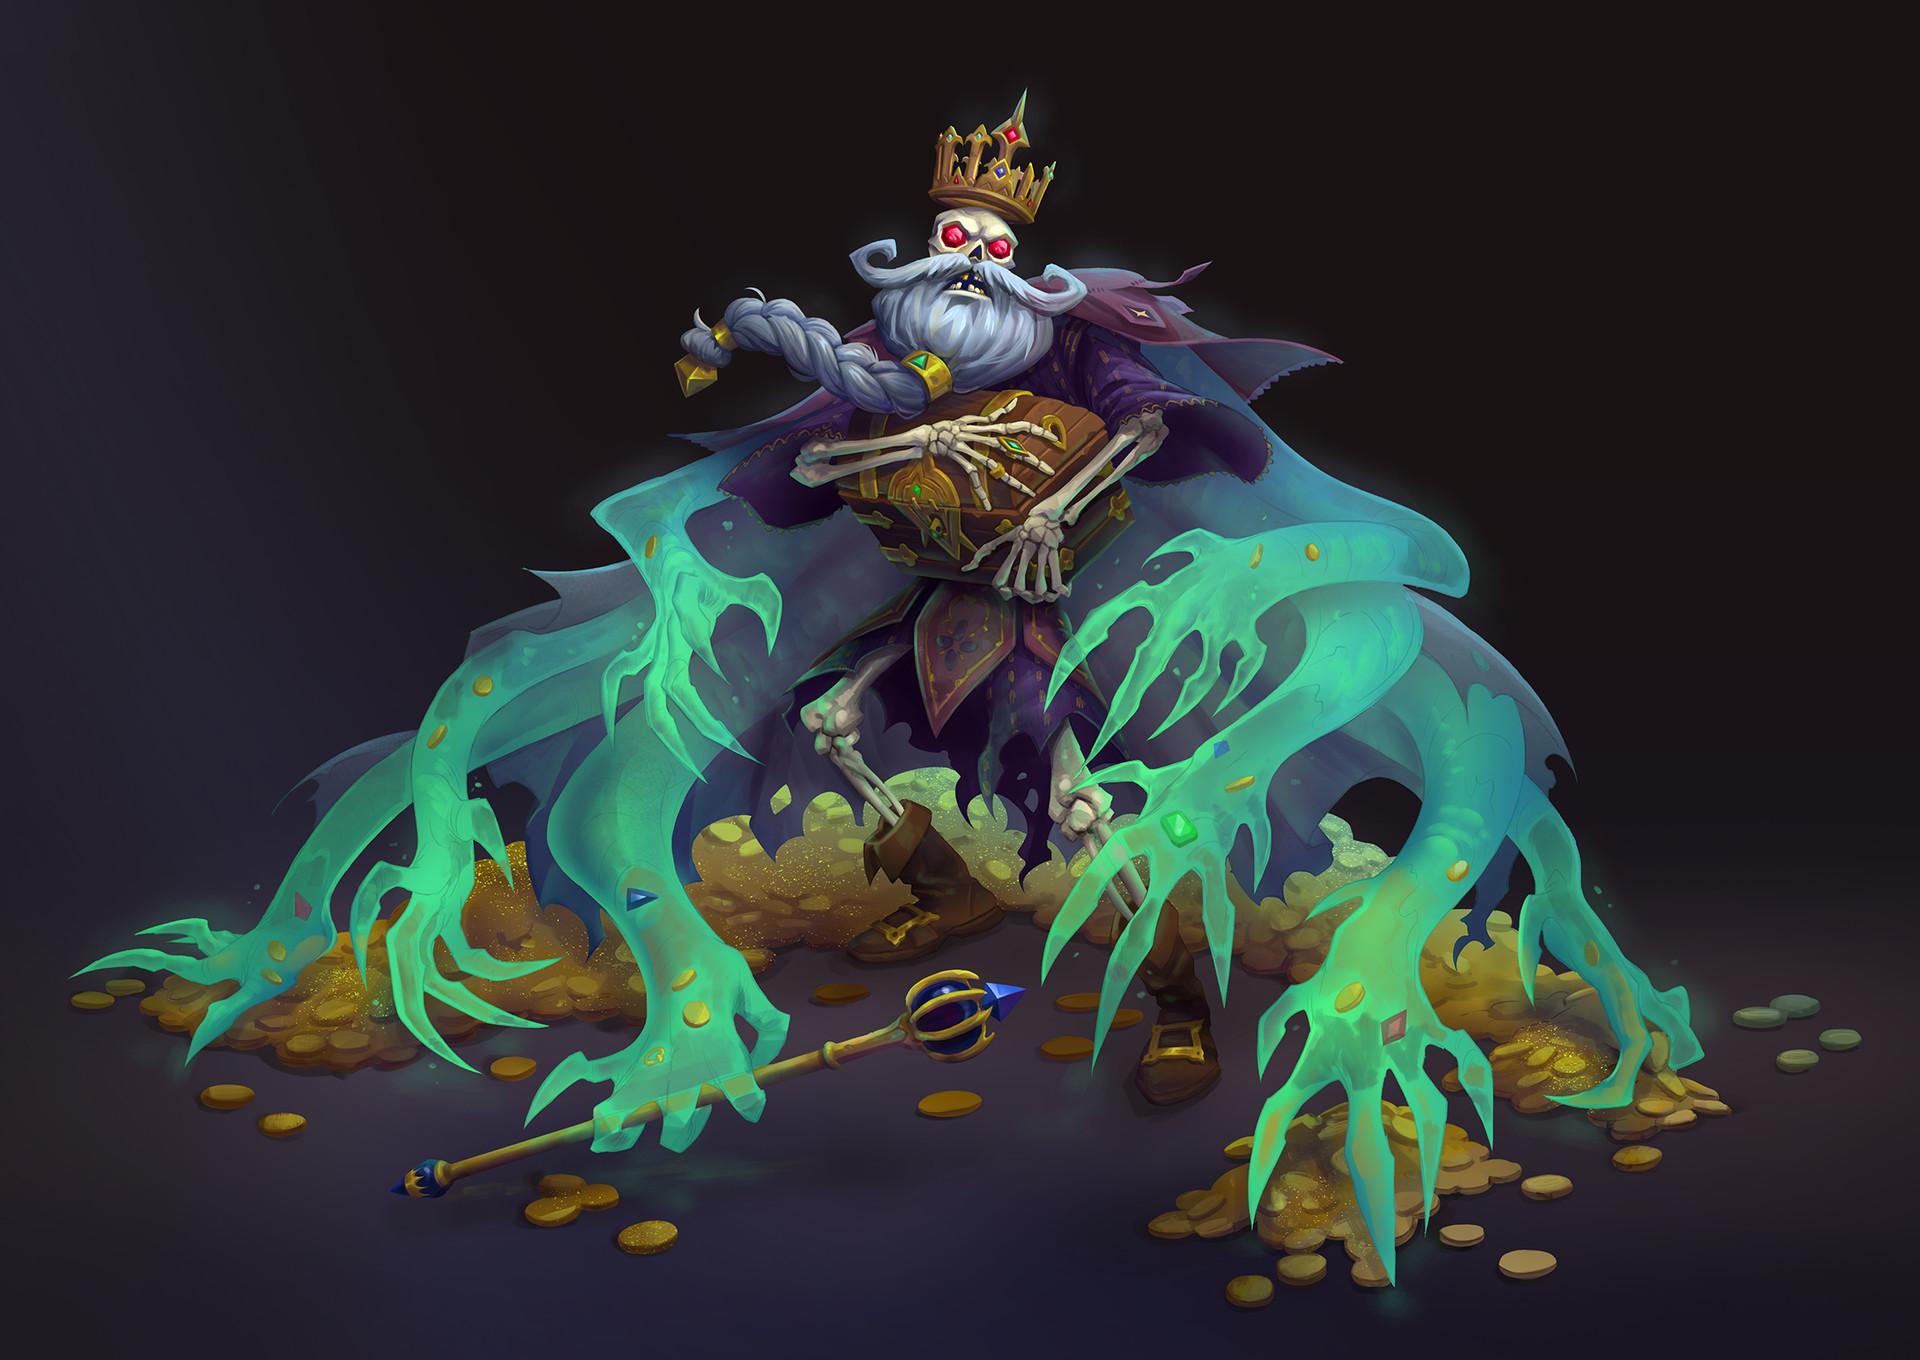 Moniek schilder characterdesignchallenge ghosts smaller